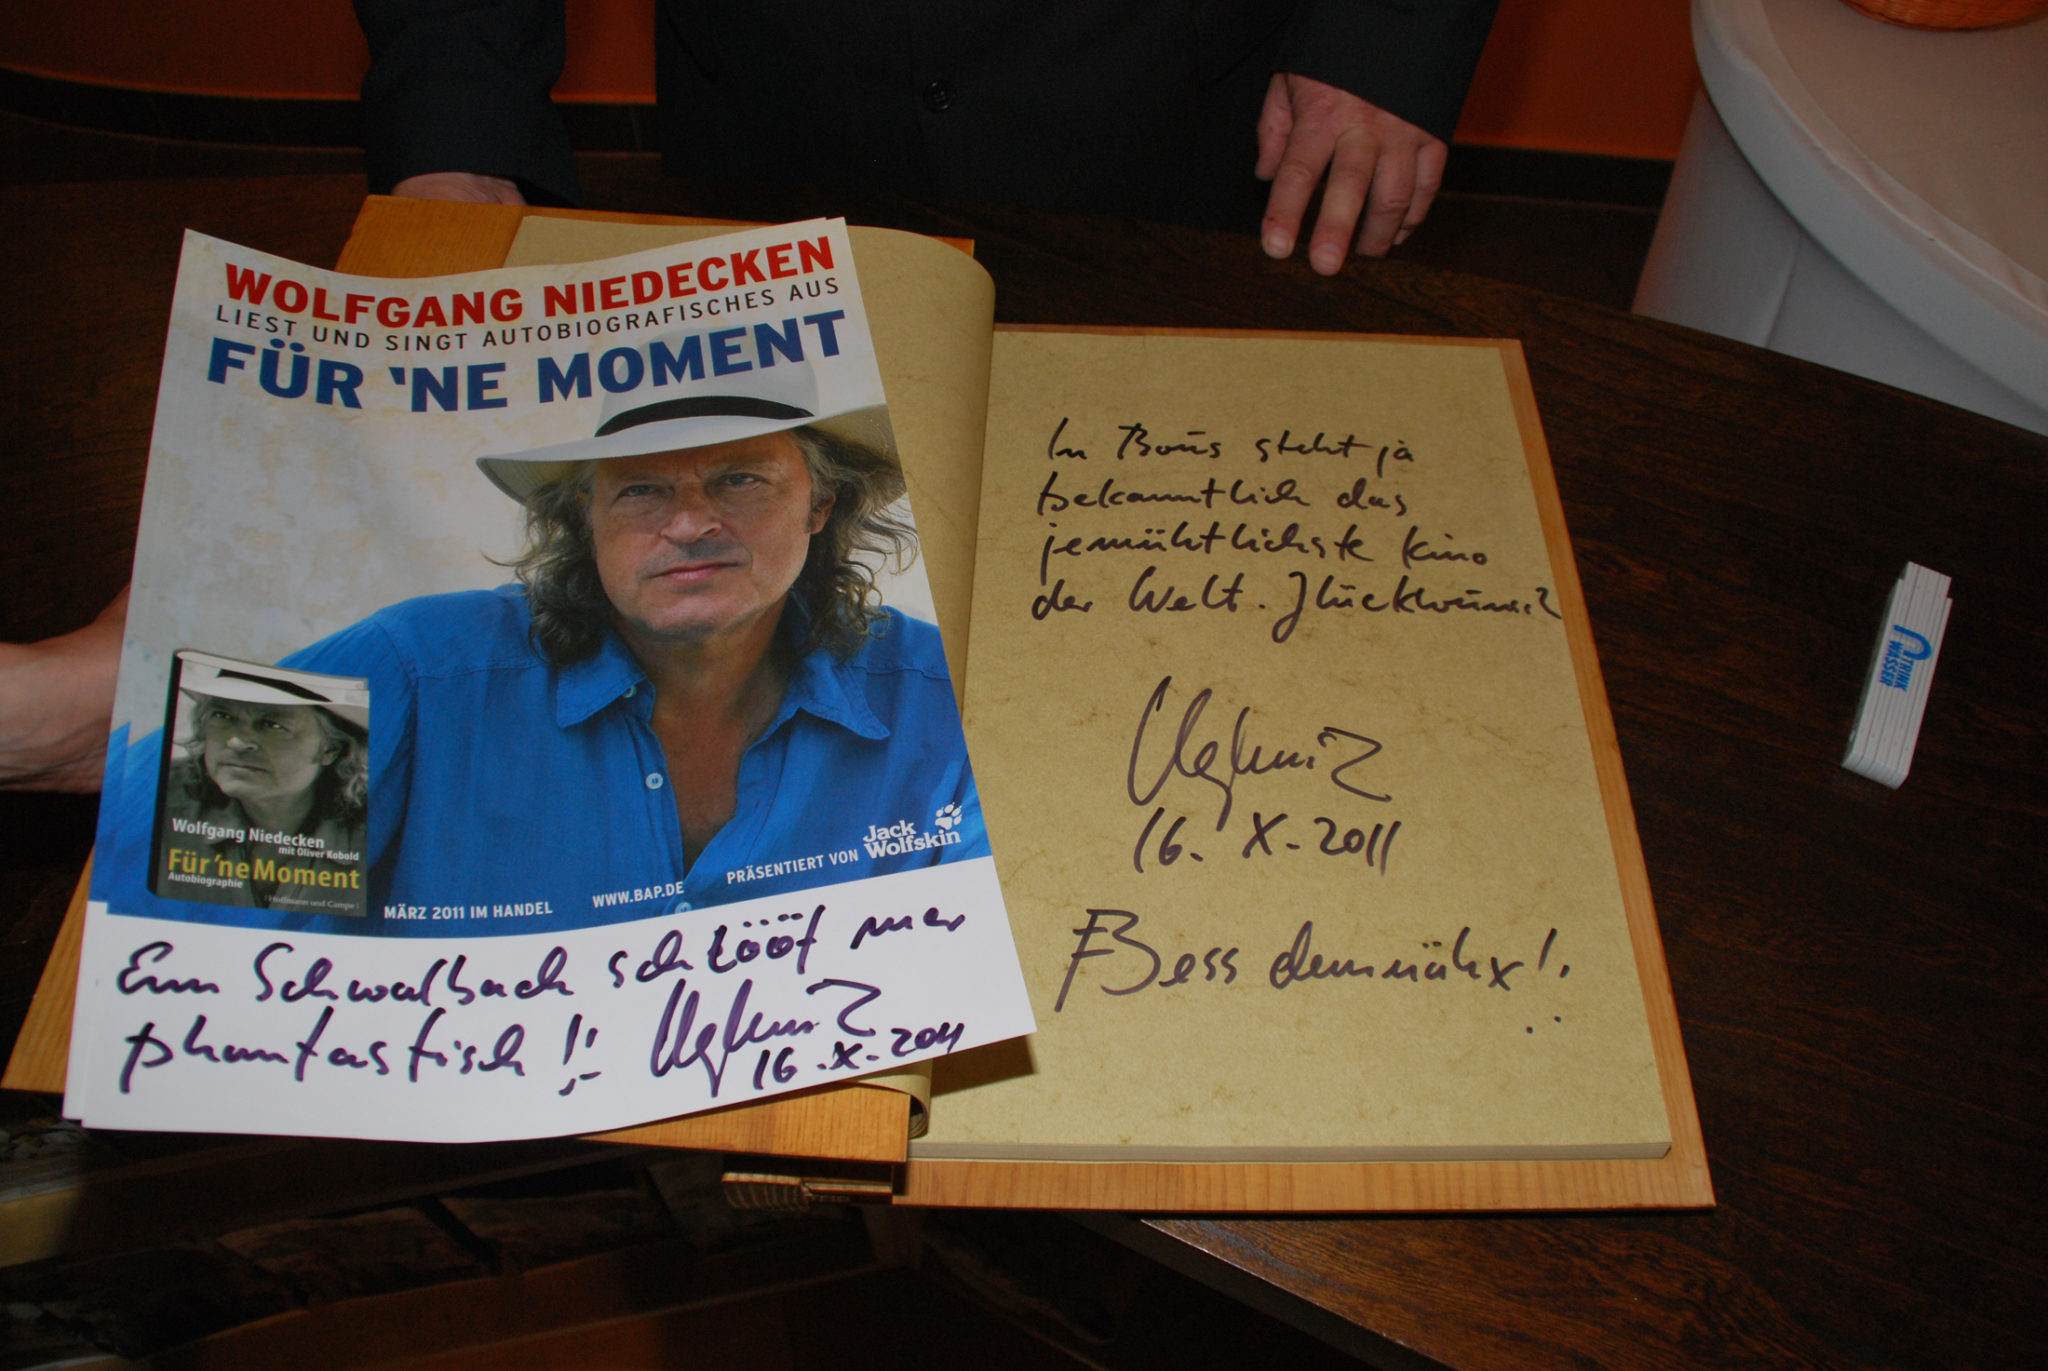 zu sehen ist ein Plakat sowie die Widmung von Wolfgang Niedecken, dem Säenger der Gruppe BAP, im goldenen Buch der Gemeinde Bous.